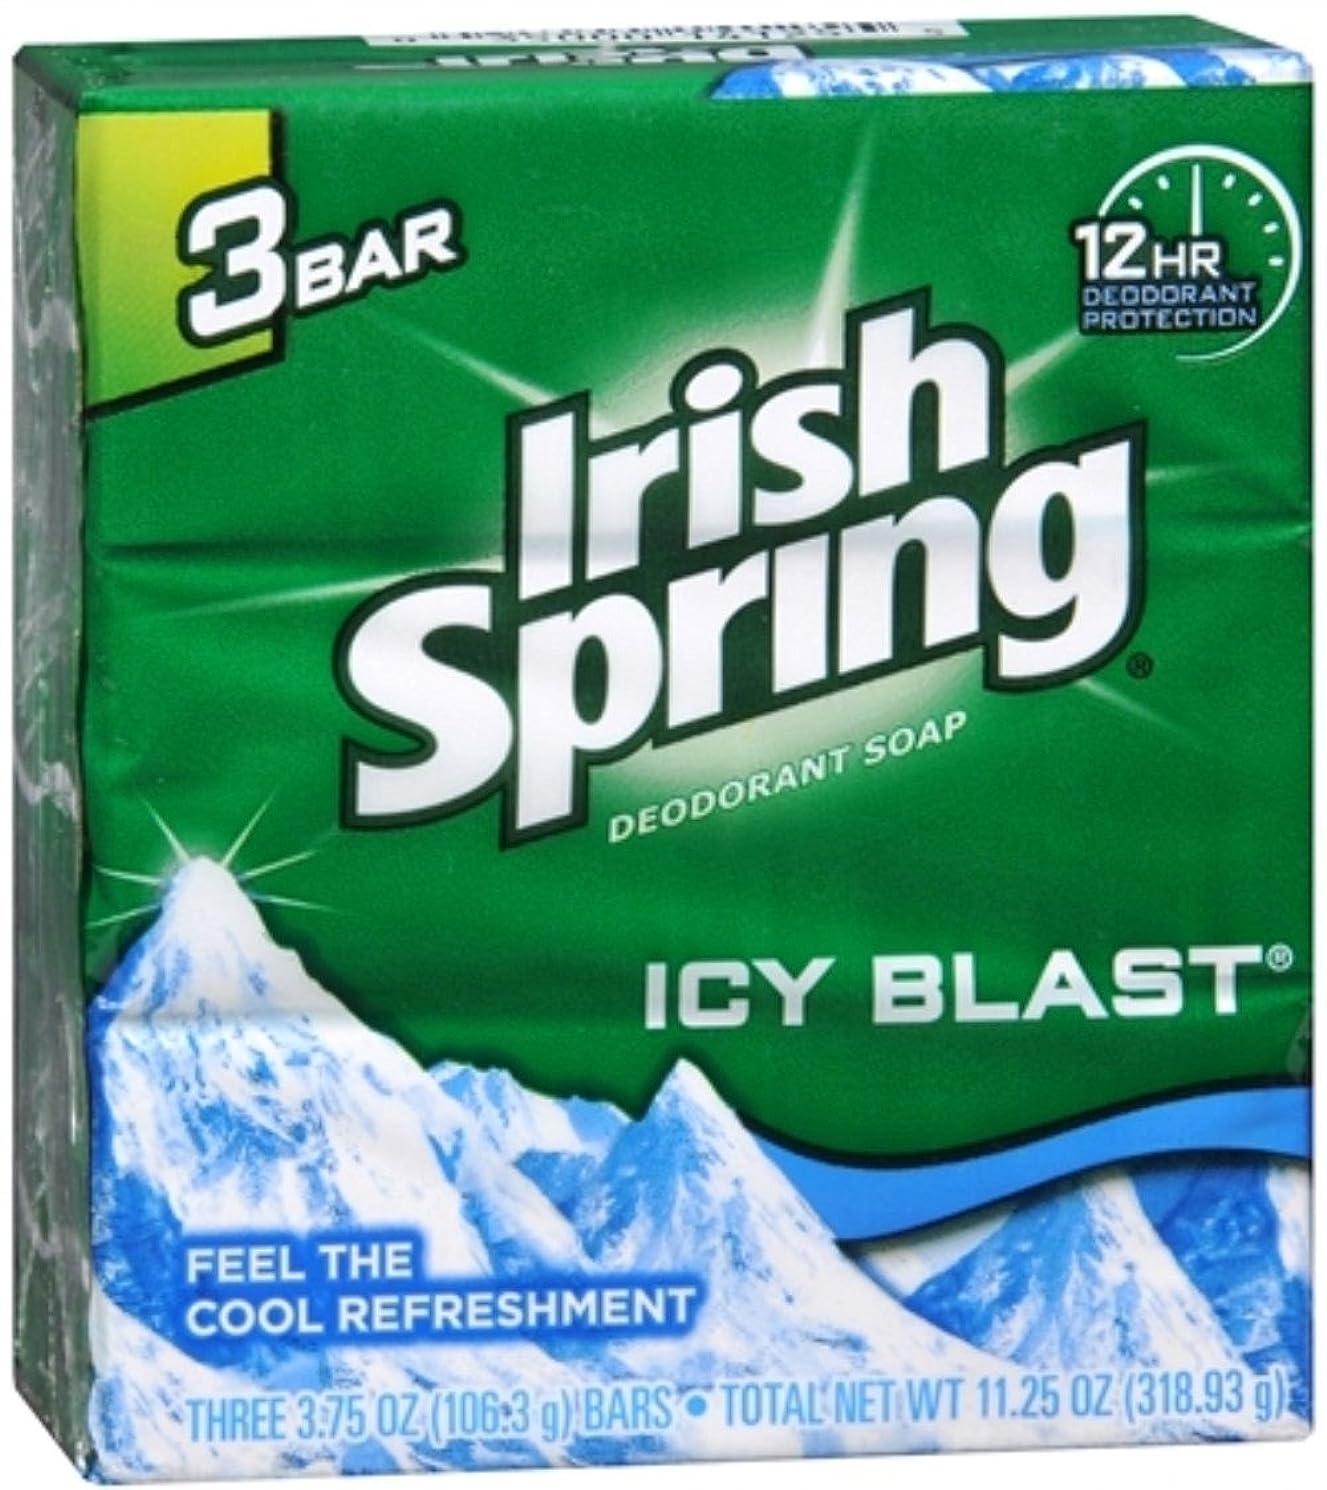 記念碑的な難しいウッズ【Irish Spring】アイリッシュスプリング?デオドラント石鹸113g×3個パック 【アイシーブラスト】